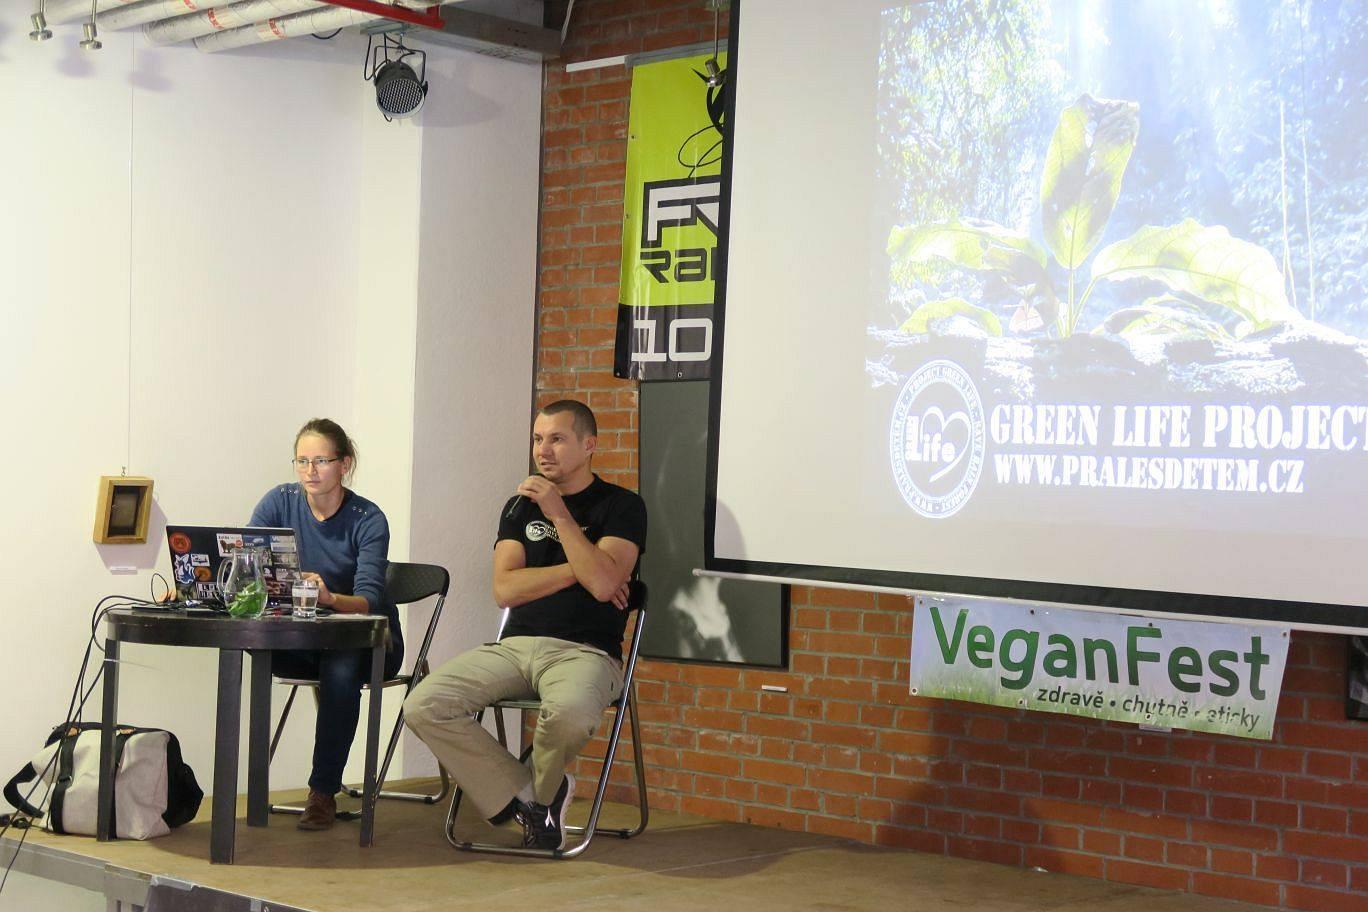 VeganFest 2017